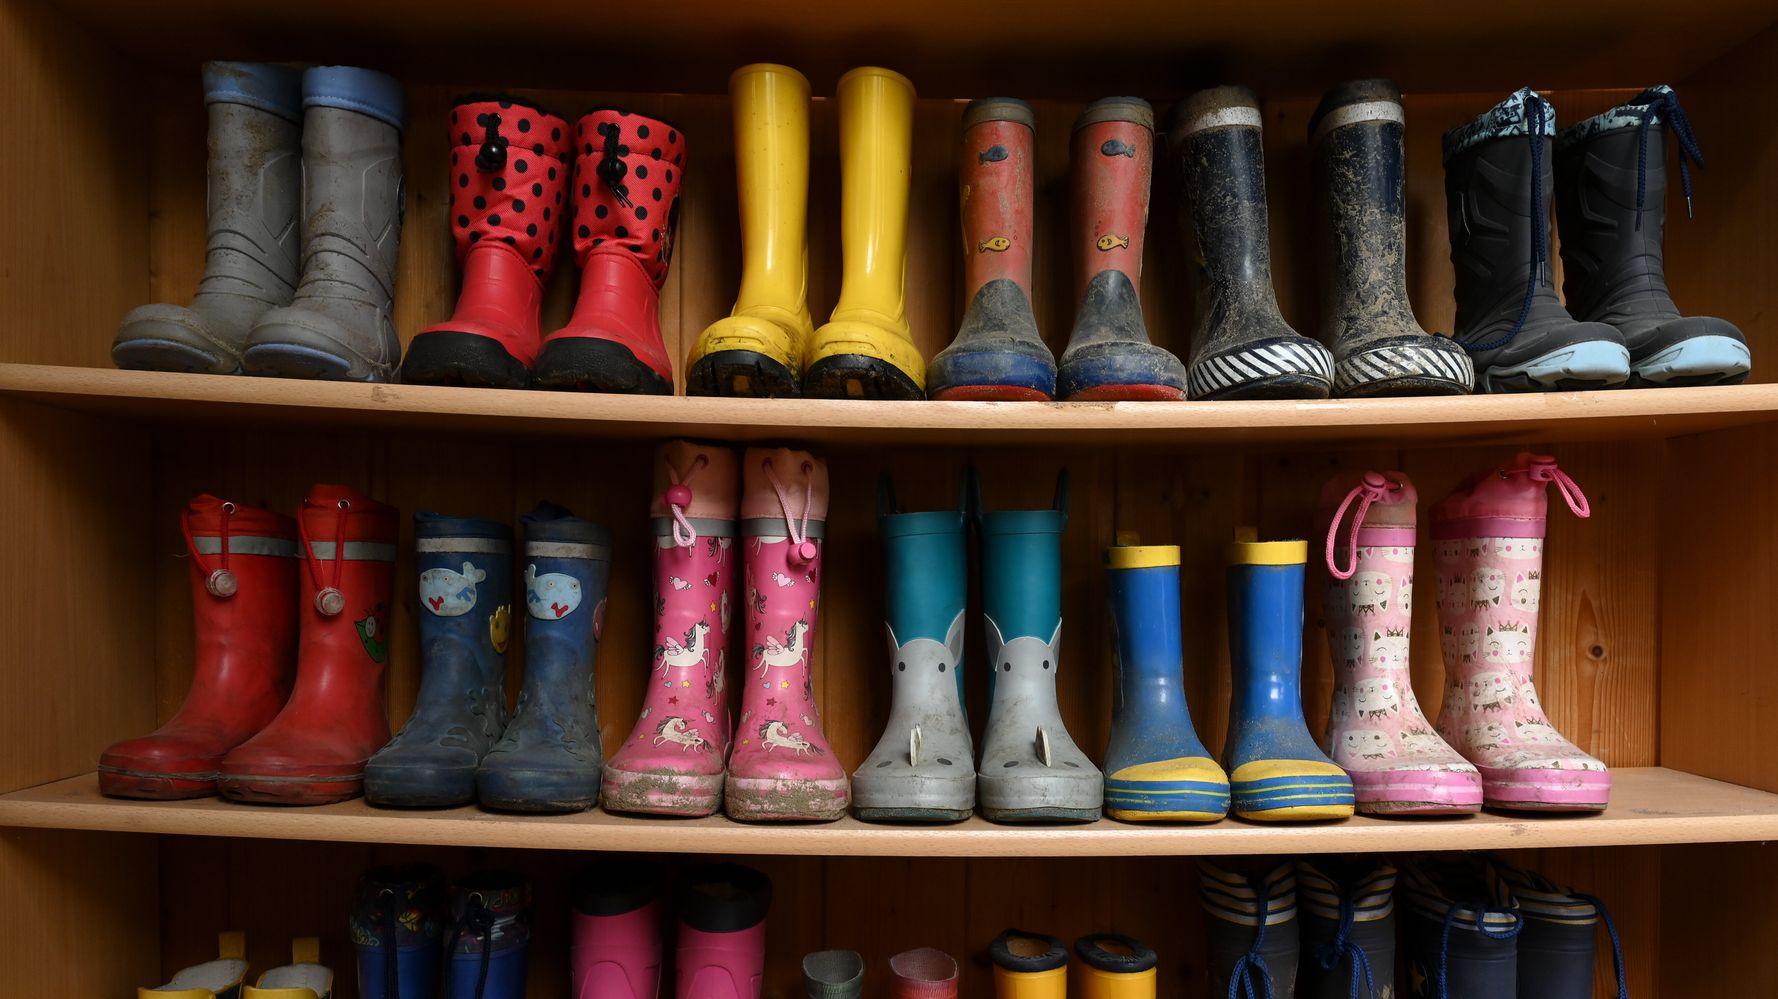 Les conseils de médecins pour ne pas rapporter le coronavirus chez soi avec ses chaussures